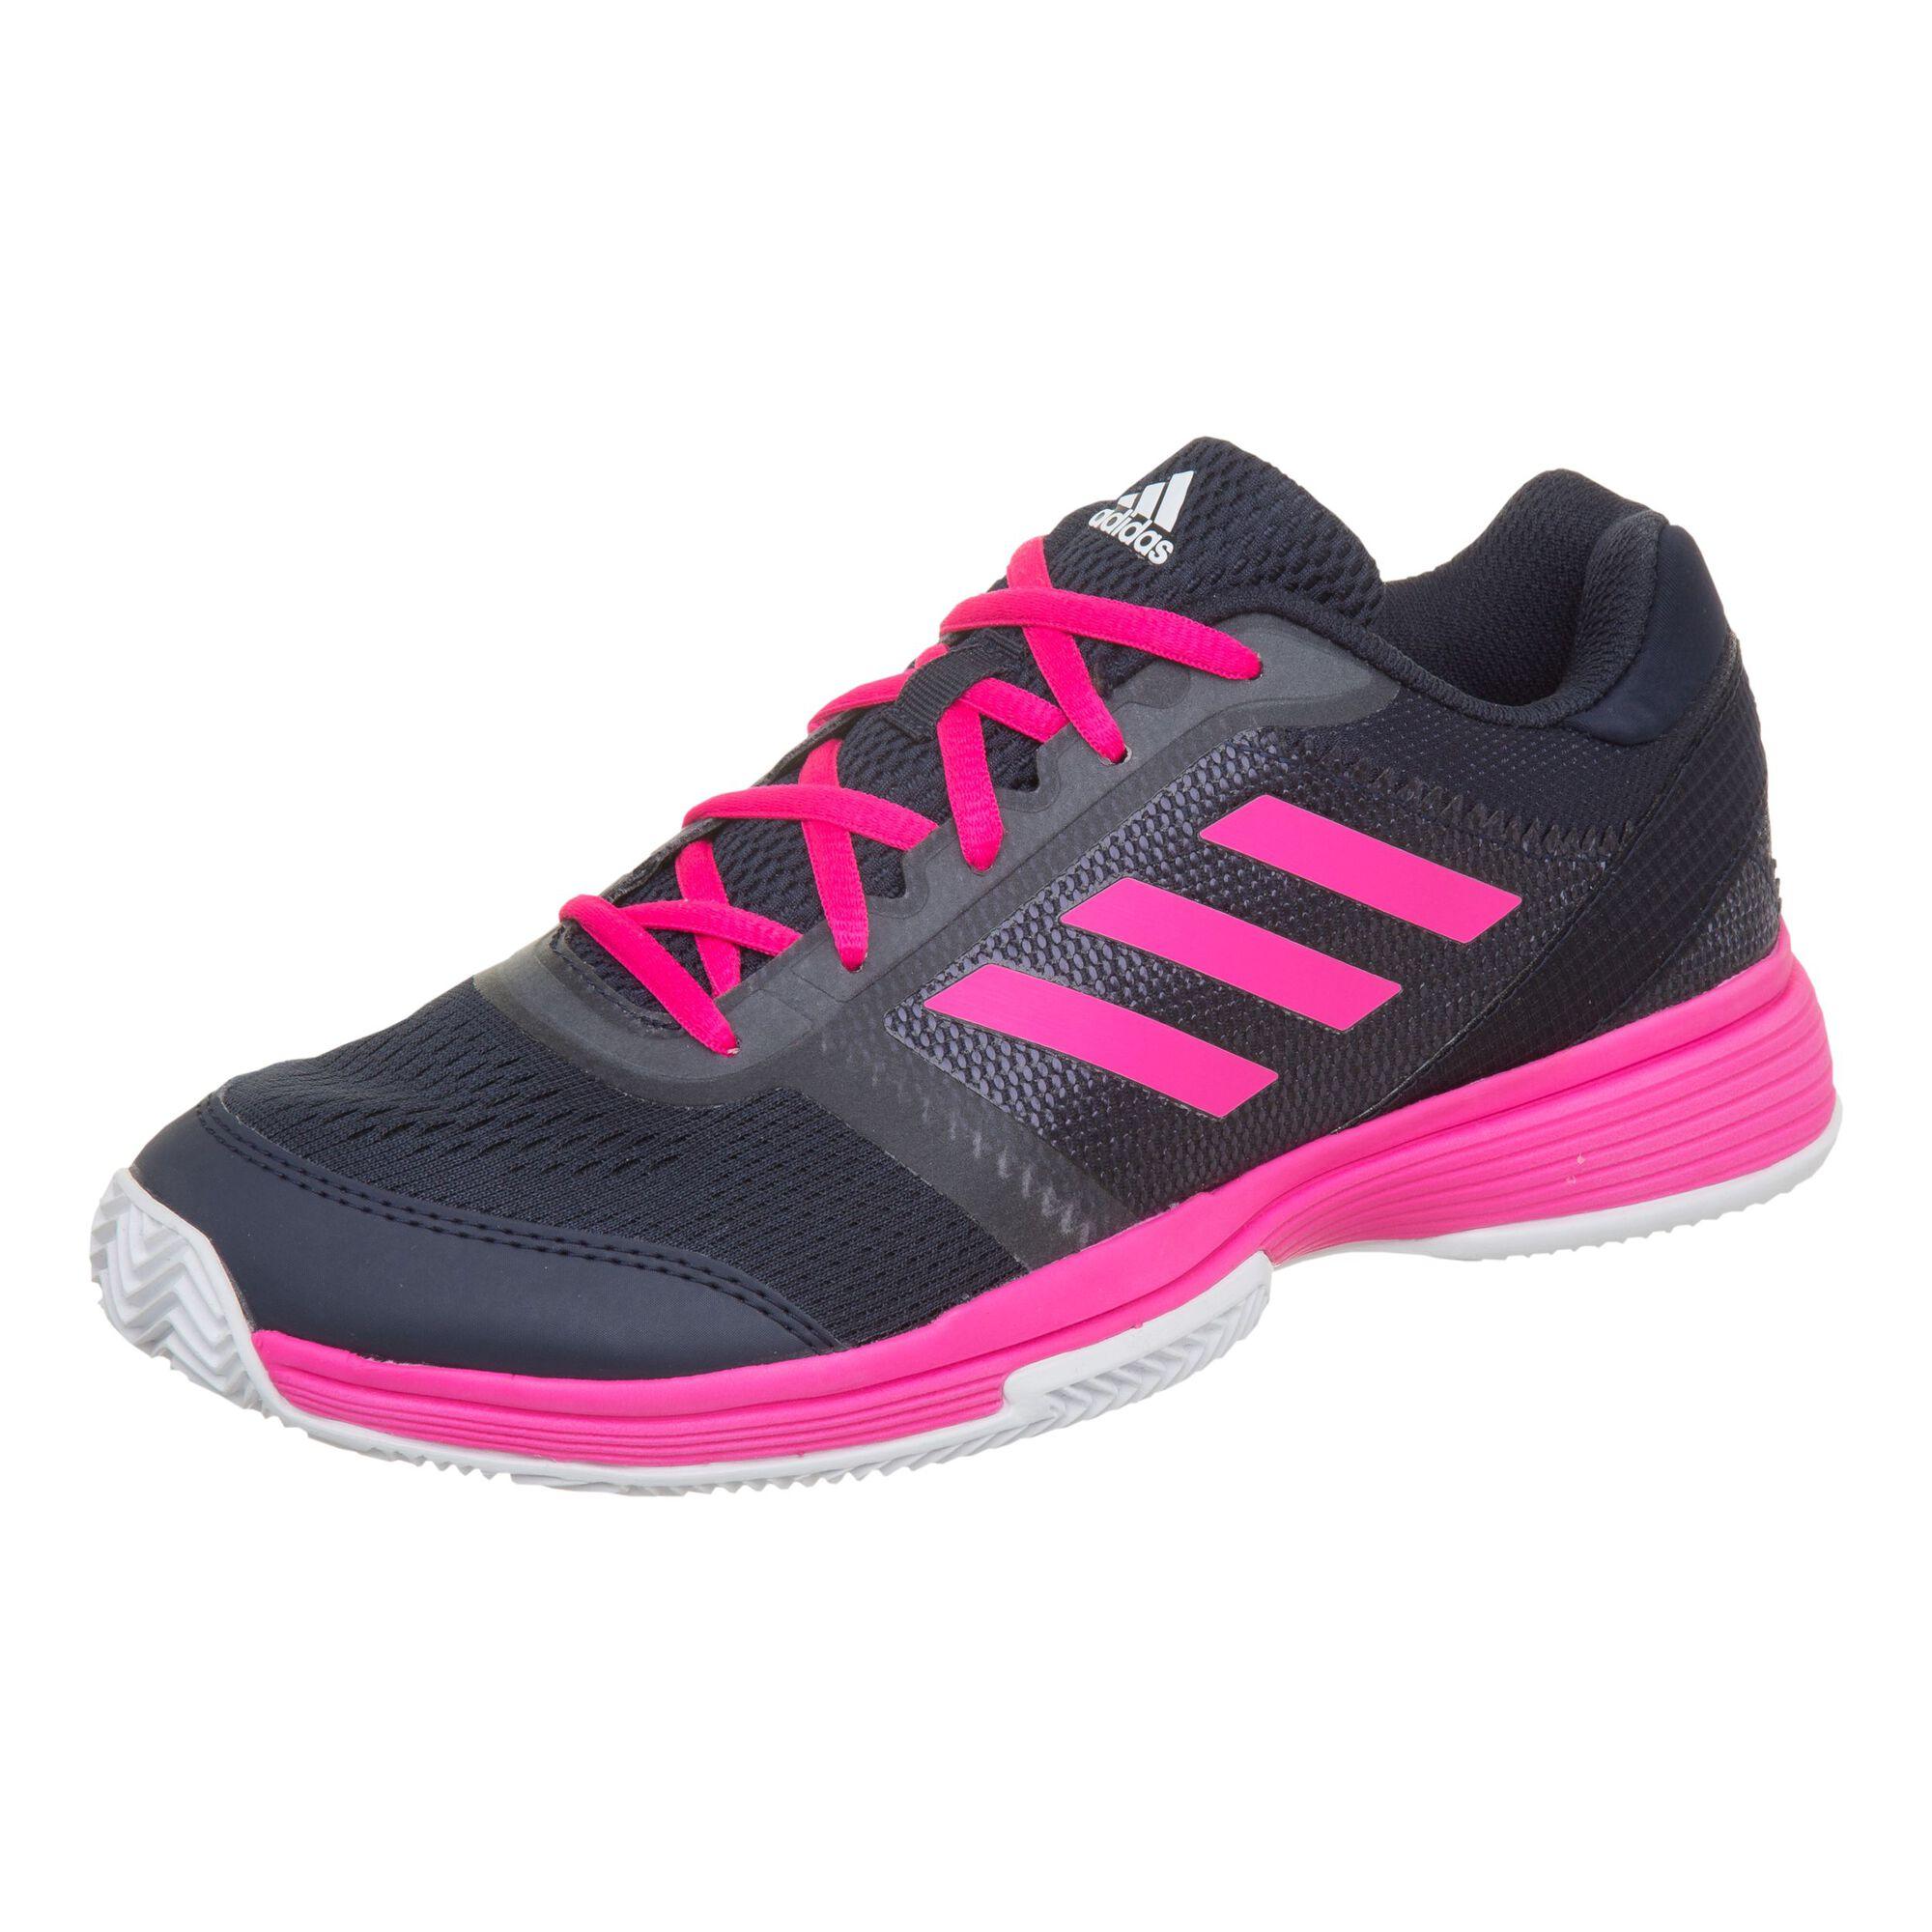 competitive price fd63b 321b2 adidas  adidas  adidas  adidas  adidas  adidas  adidas  adidas  adidas   adidas. Barricade Club Clay ...